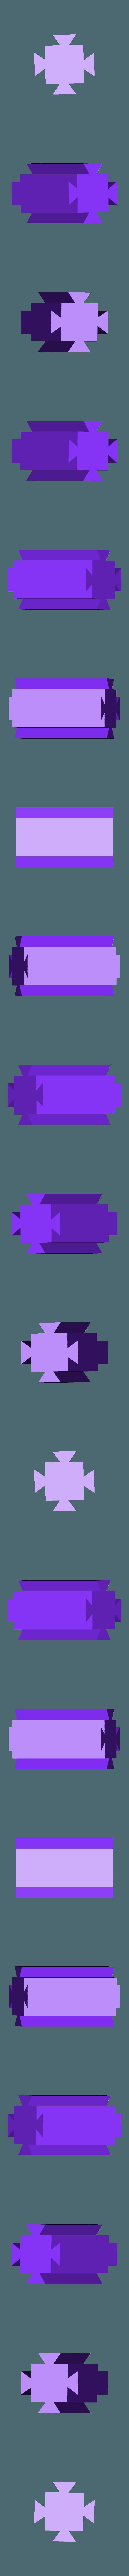 Base.stl Télécharger fichier STL gratuit Support simple mais polyvalent pour ordinateur portable, moniteur ou autre - facile à démonter • Plan pour impression 3D, fuchsr